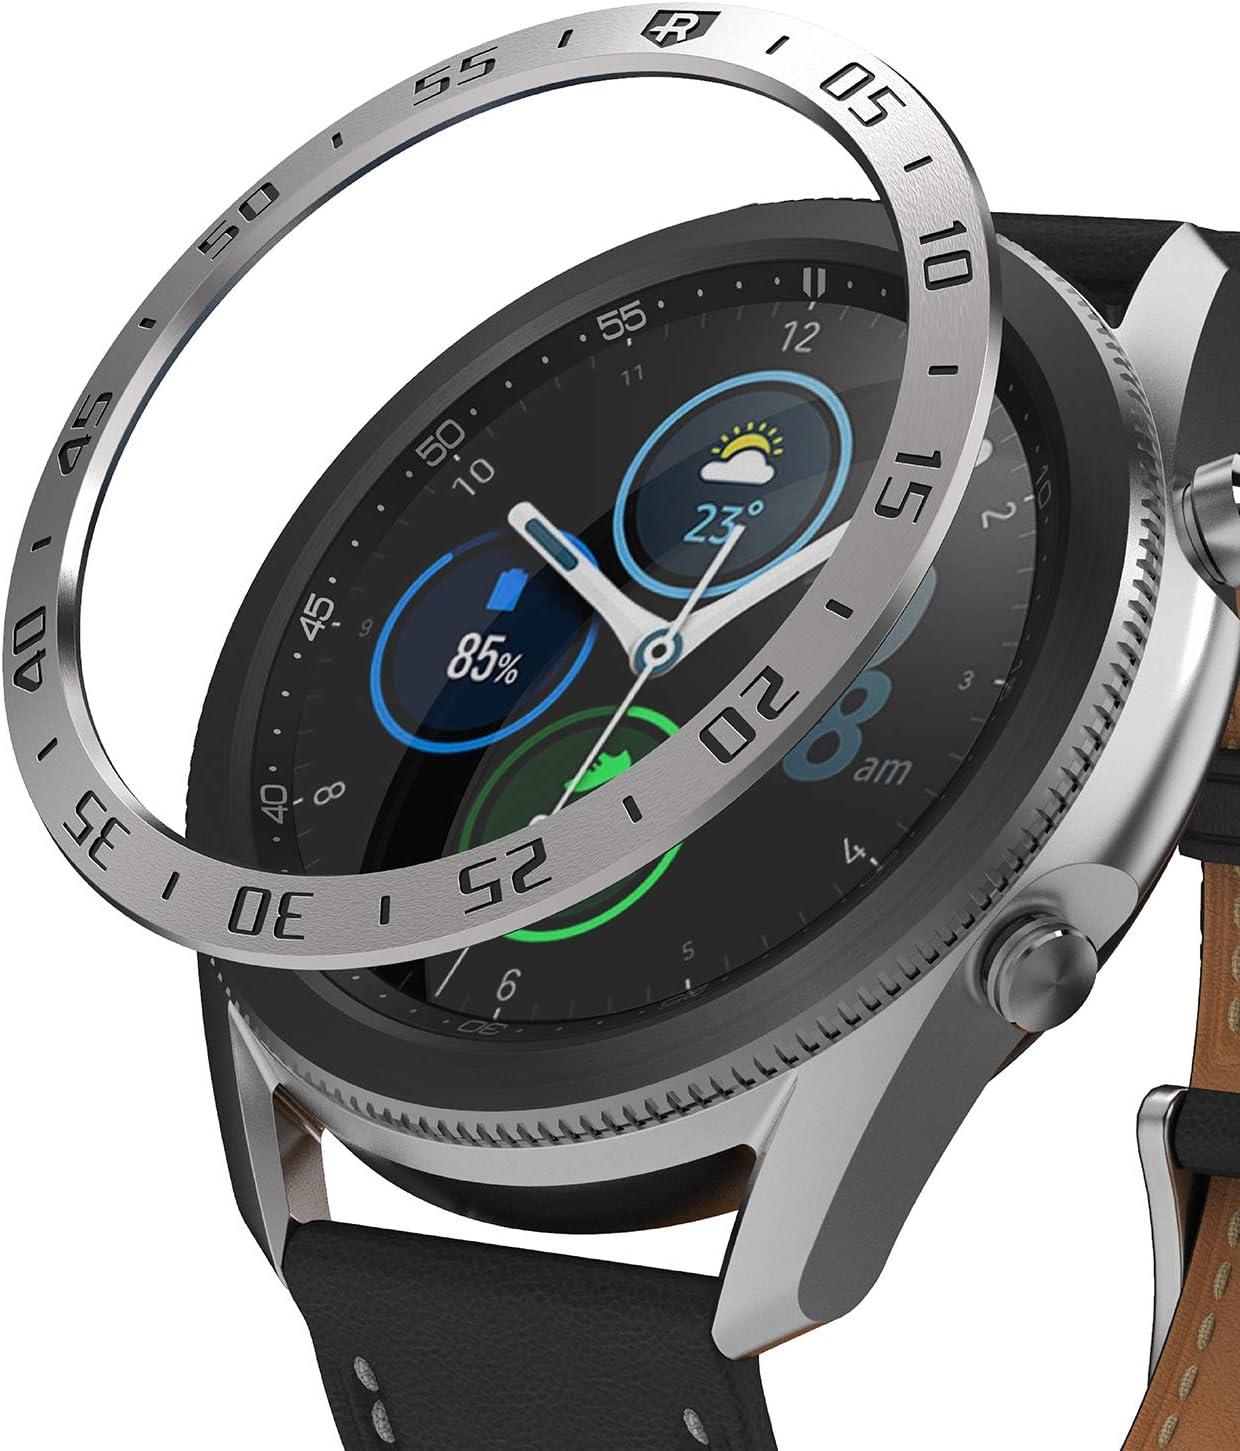 Ringke Bezel Styling Diseñado para Funda Samsung Galaxy Watch 3 (45mm), Carcasa Diseño Elegante Único Acero Inoxidable para Galaxy Watch 3 45mm (2020) - Silver [45-01]